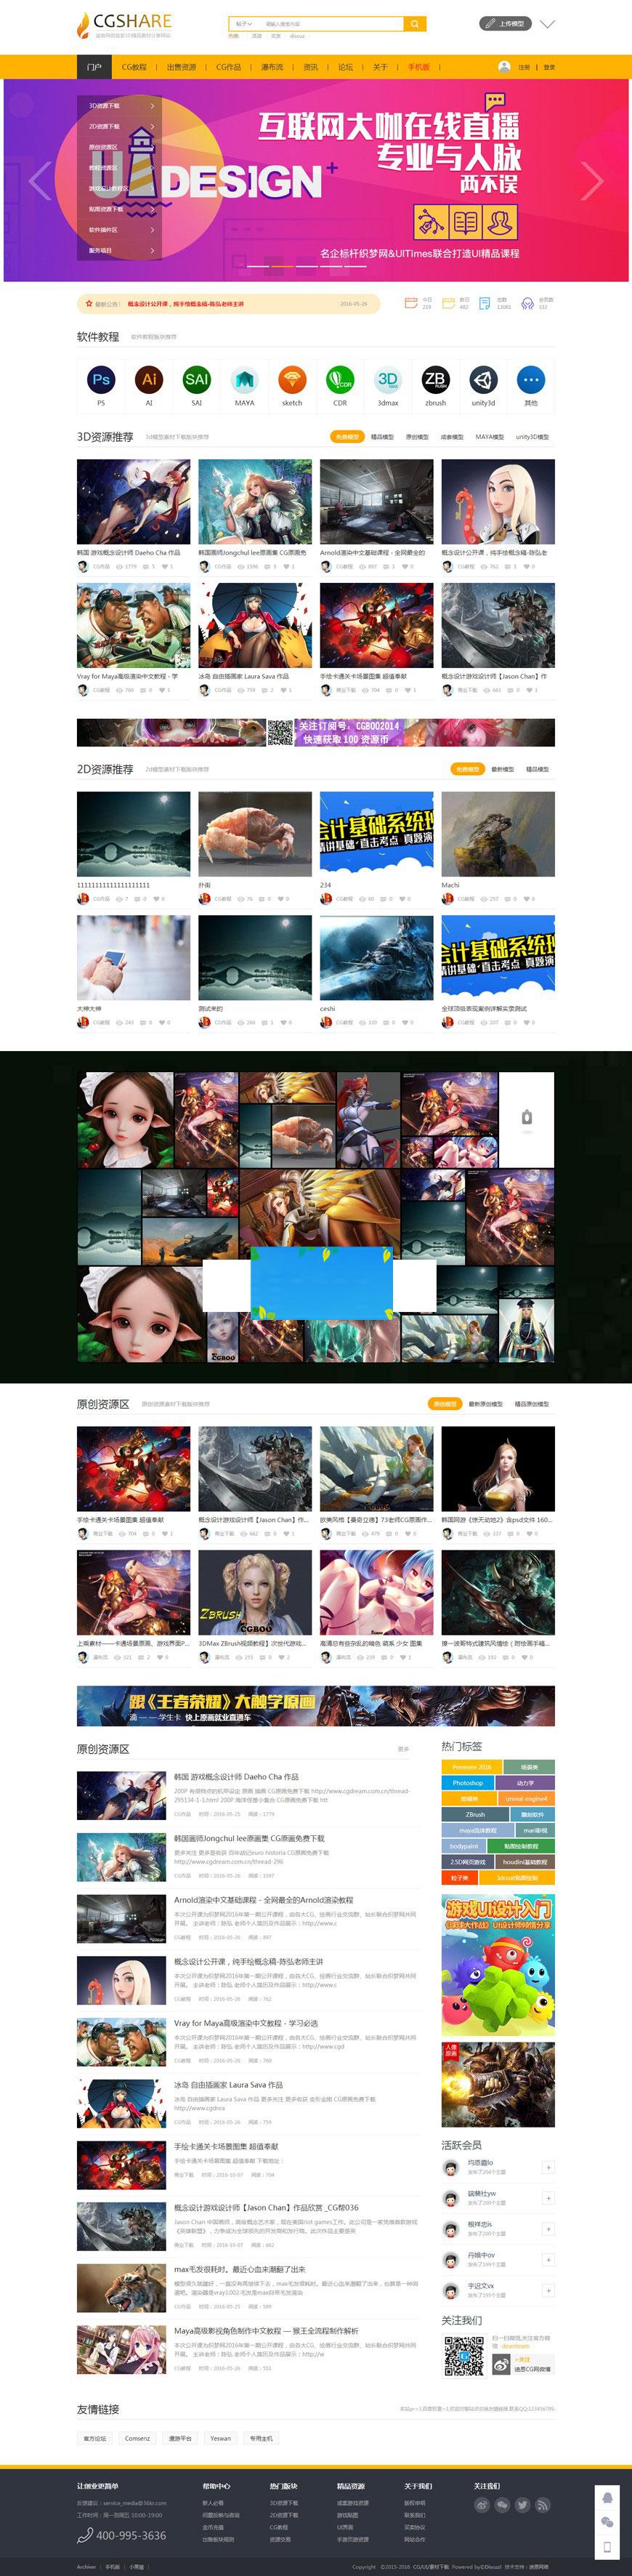 Discuzx3.2模板迪恩CG教程UI素材资源下载商业版GBK